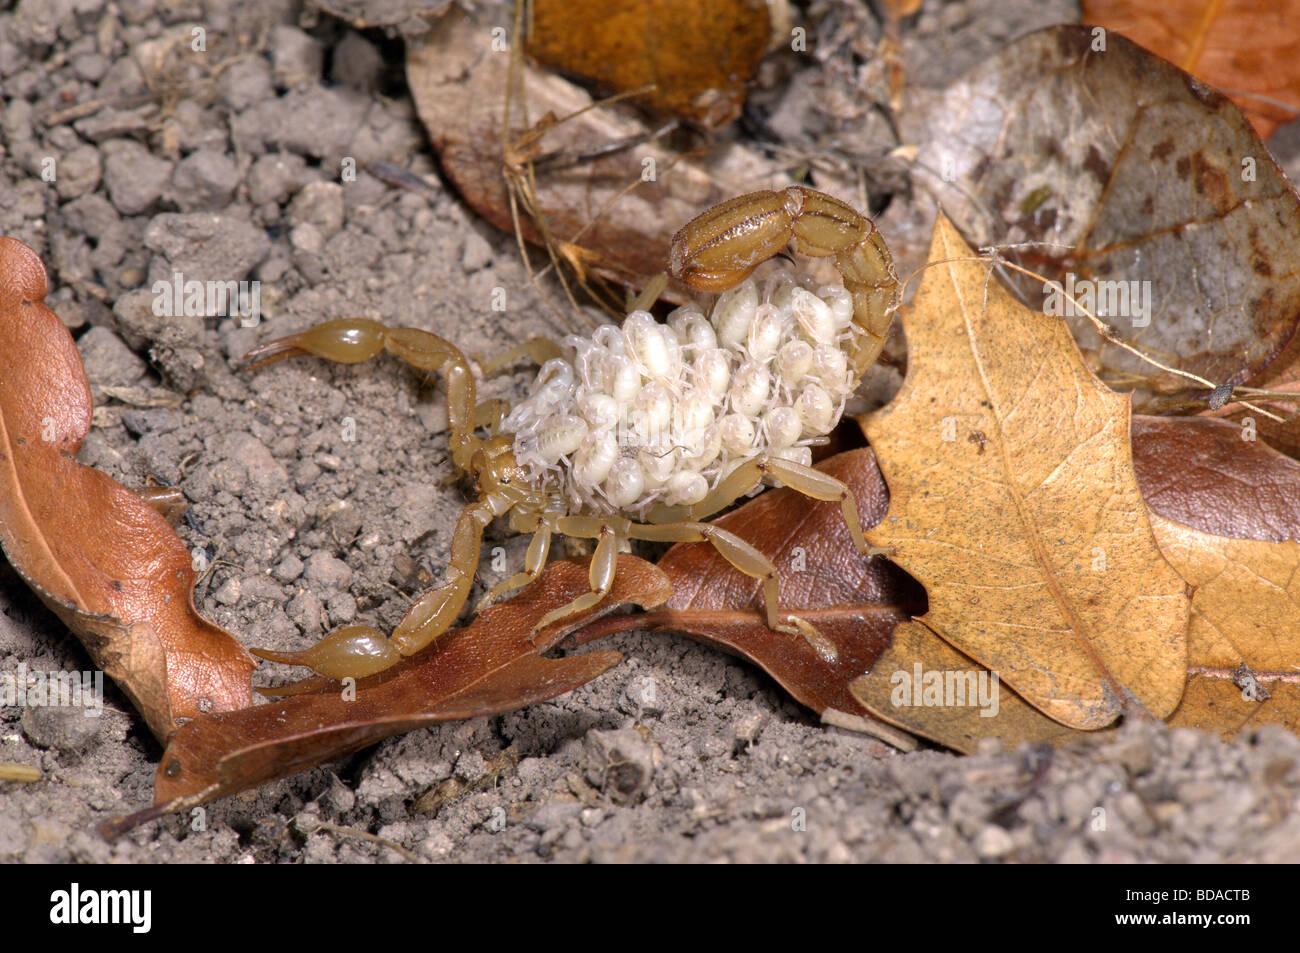 Stripe-tailed Scorpion - Stock Image